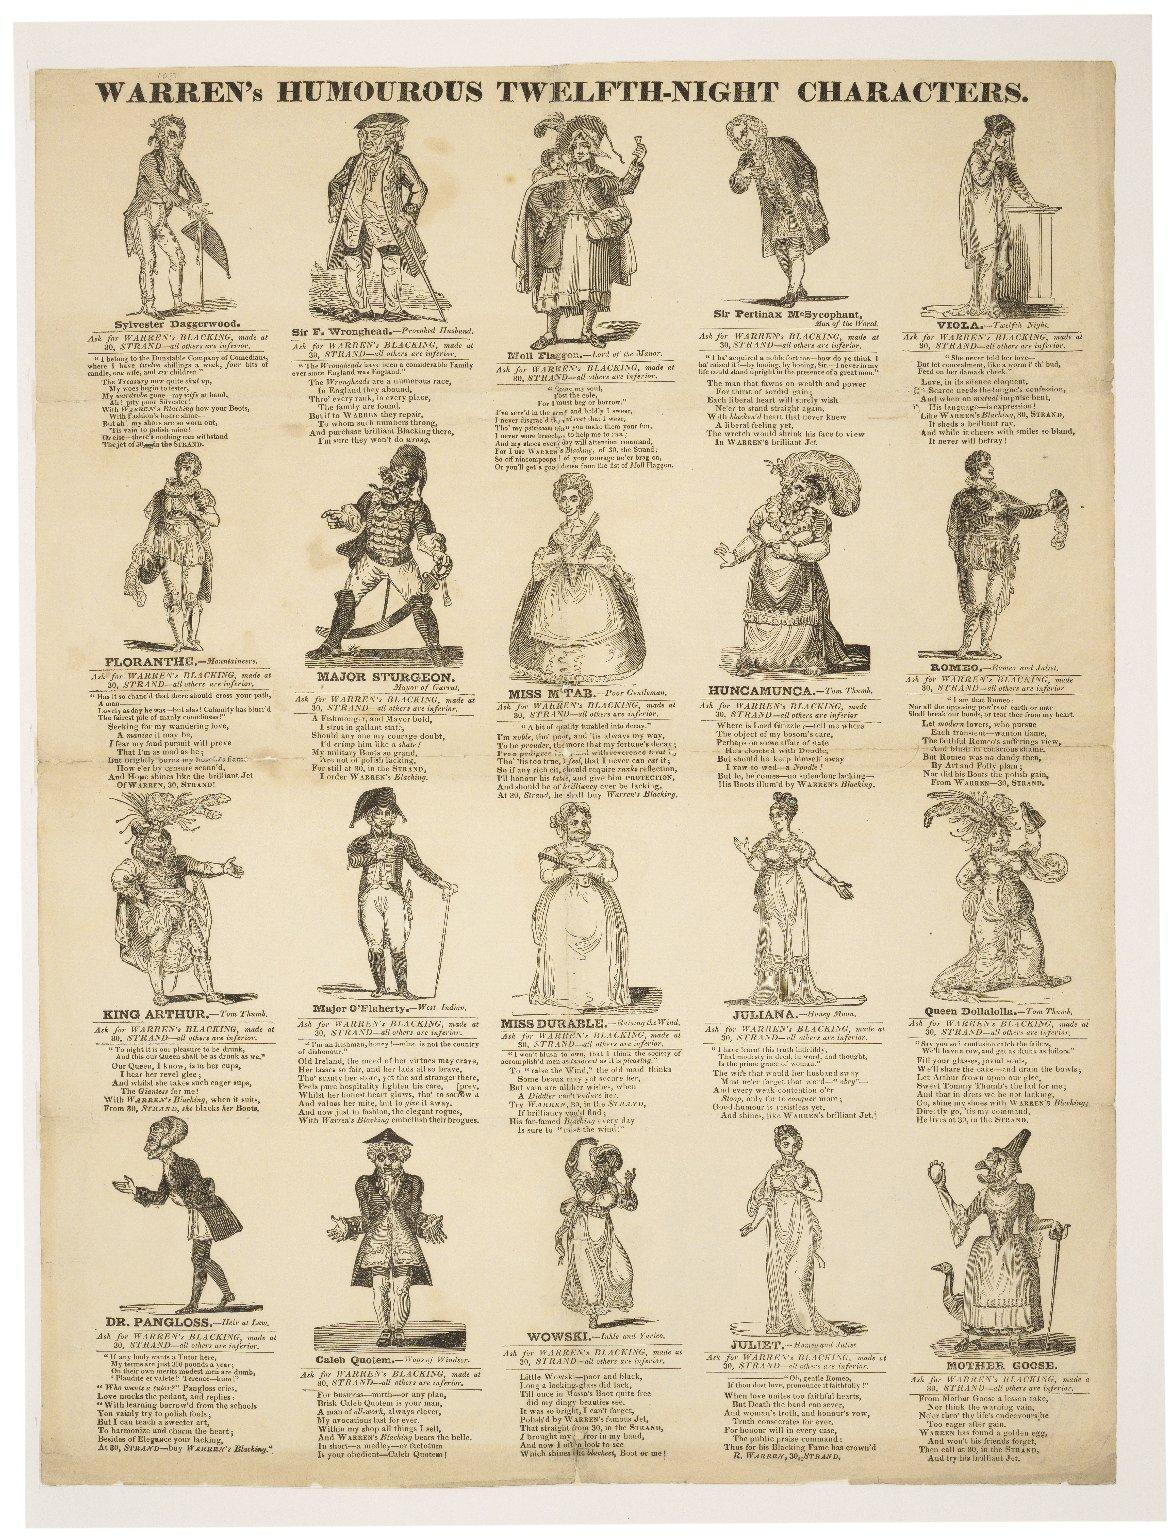 Warren's humourous Twelfth-Night characters [graphic].